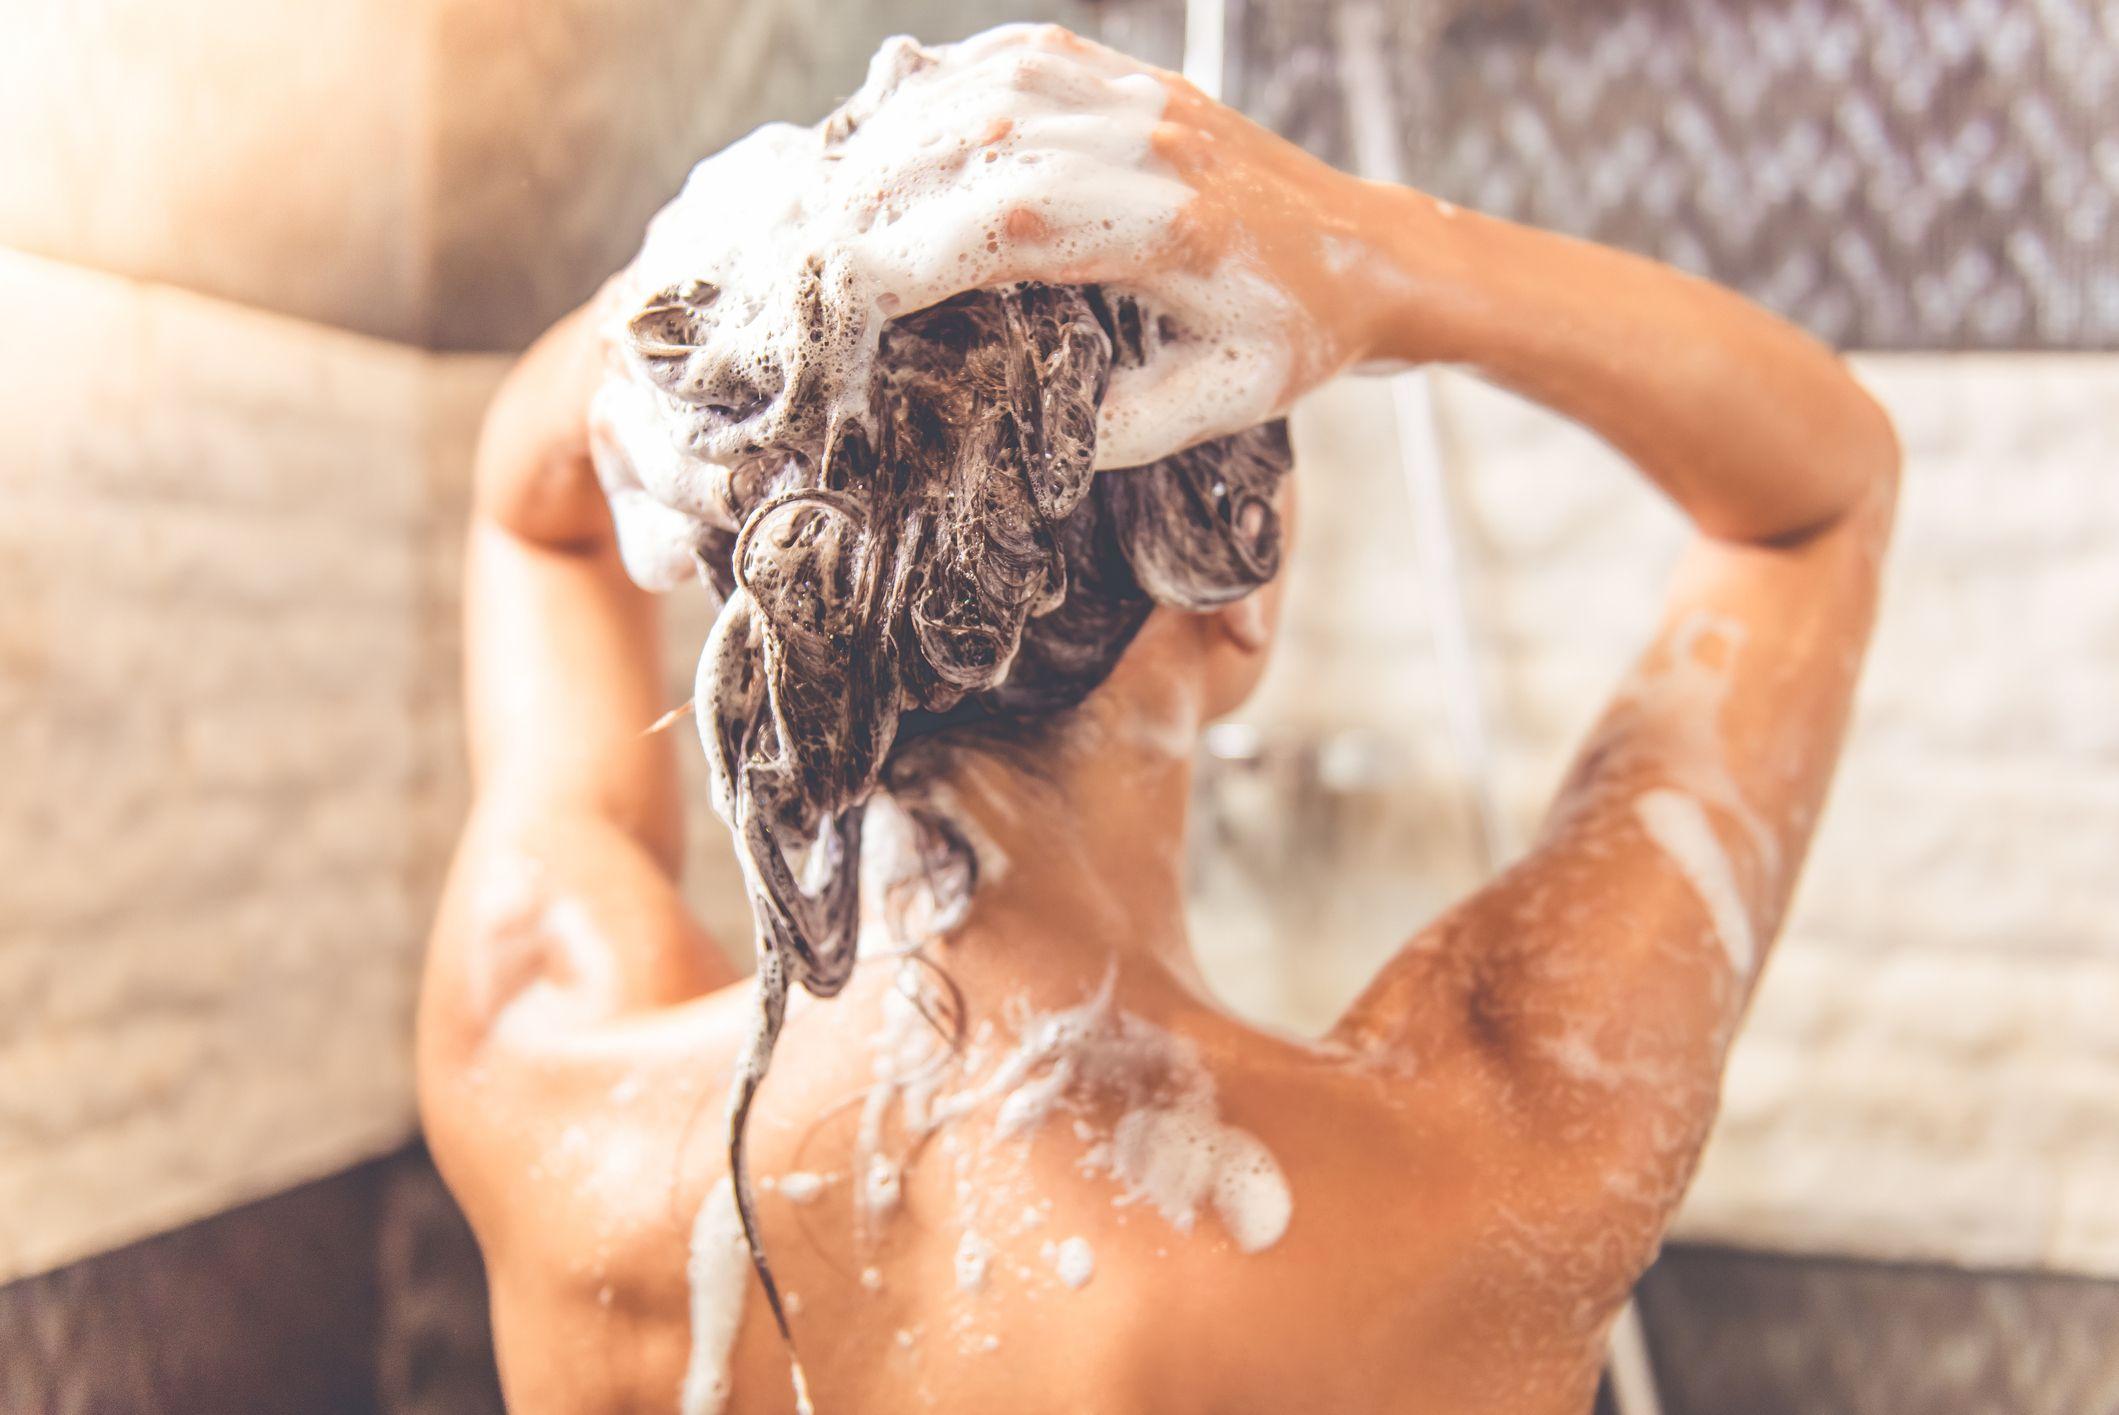 Al lavar tu cabello durante el verano utiliza productos nutritivos y con un extra de hidratación.